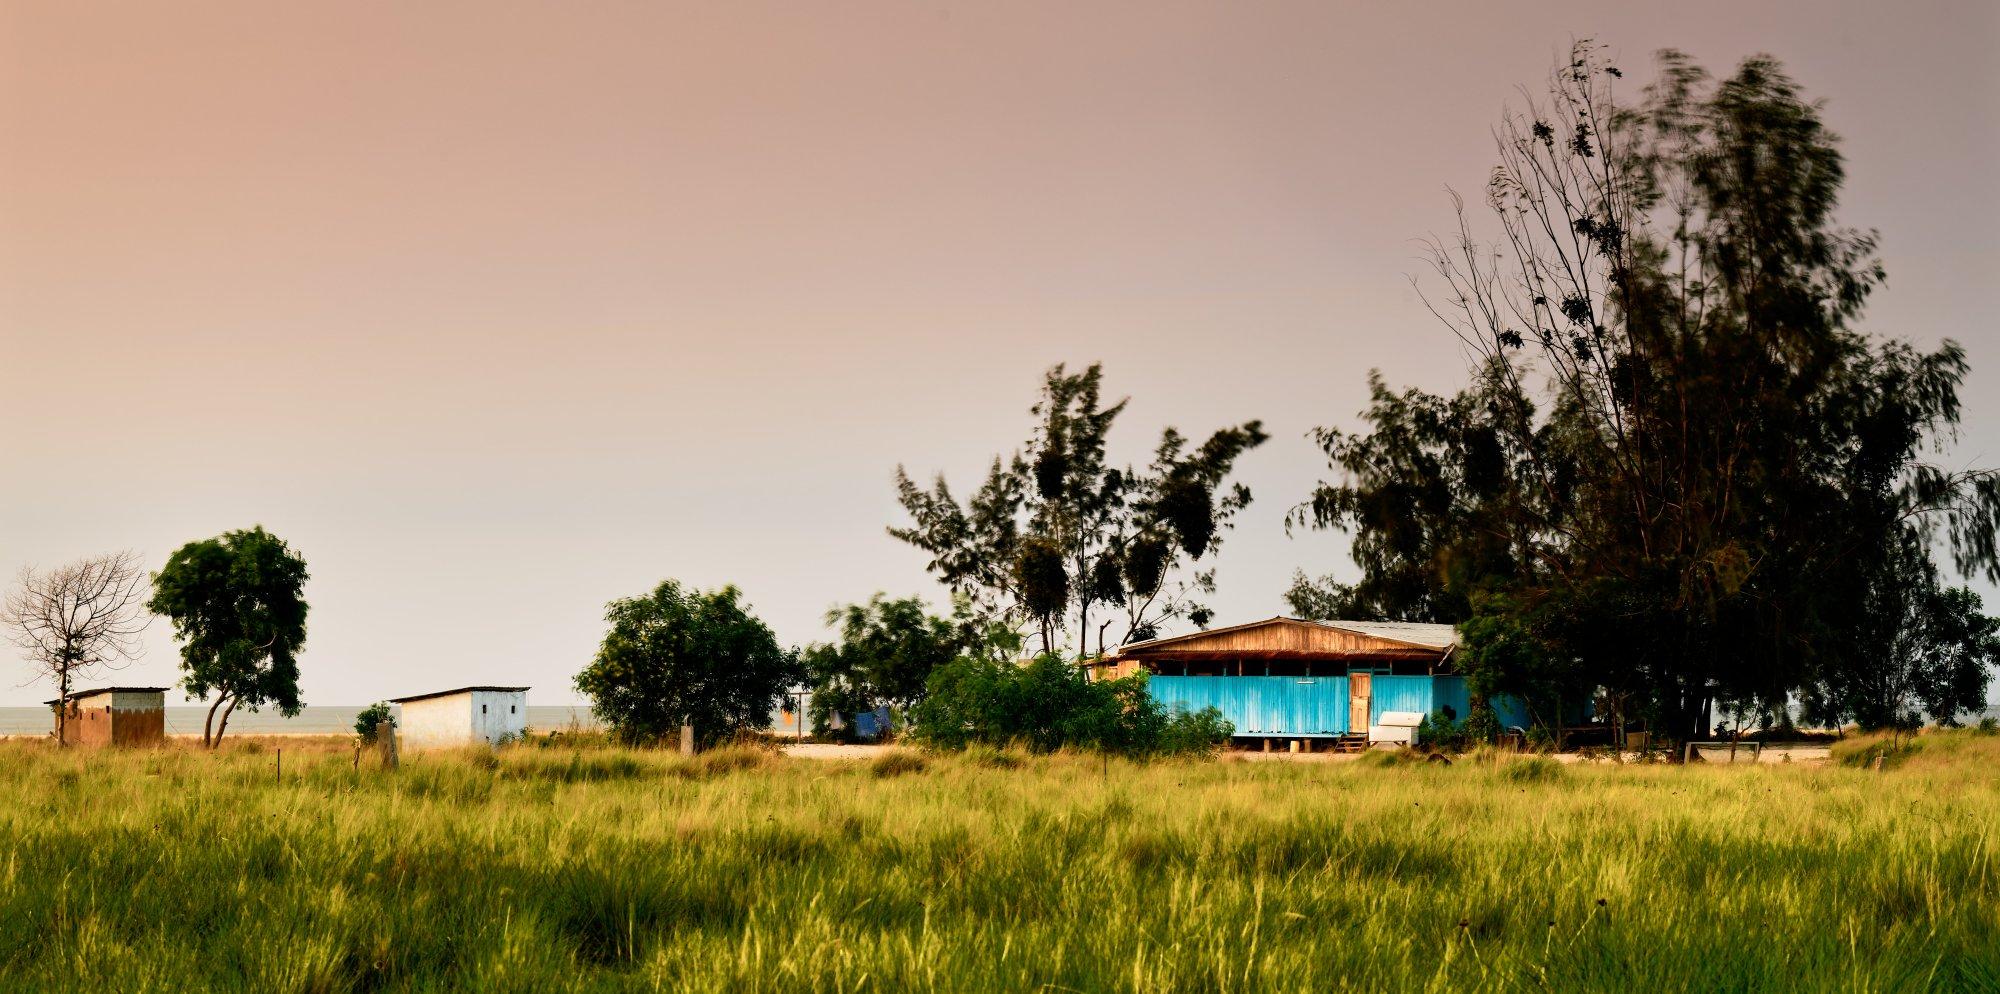 Humeur du soir - Gabon